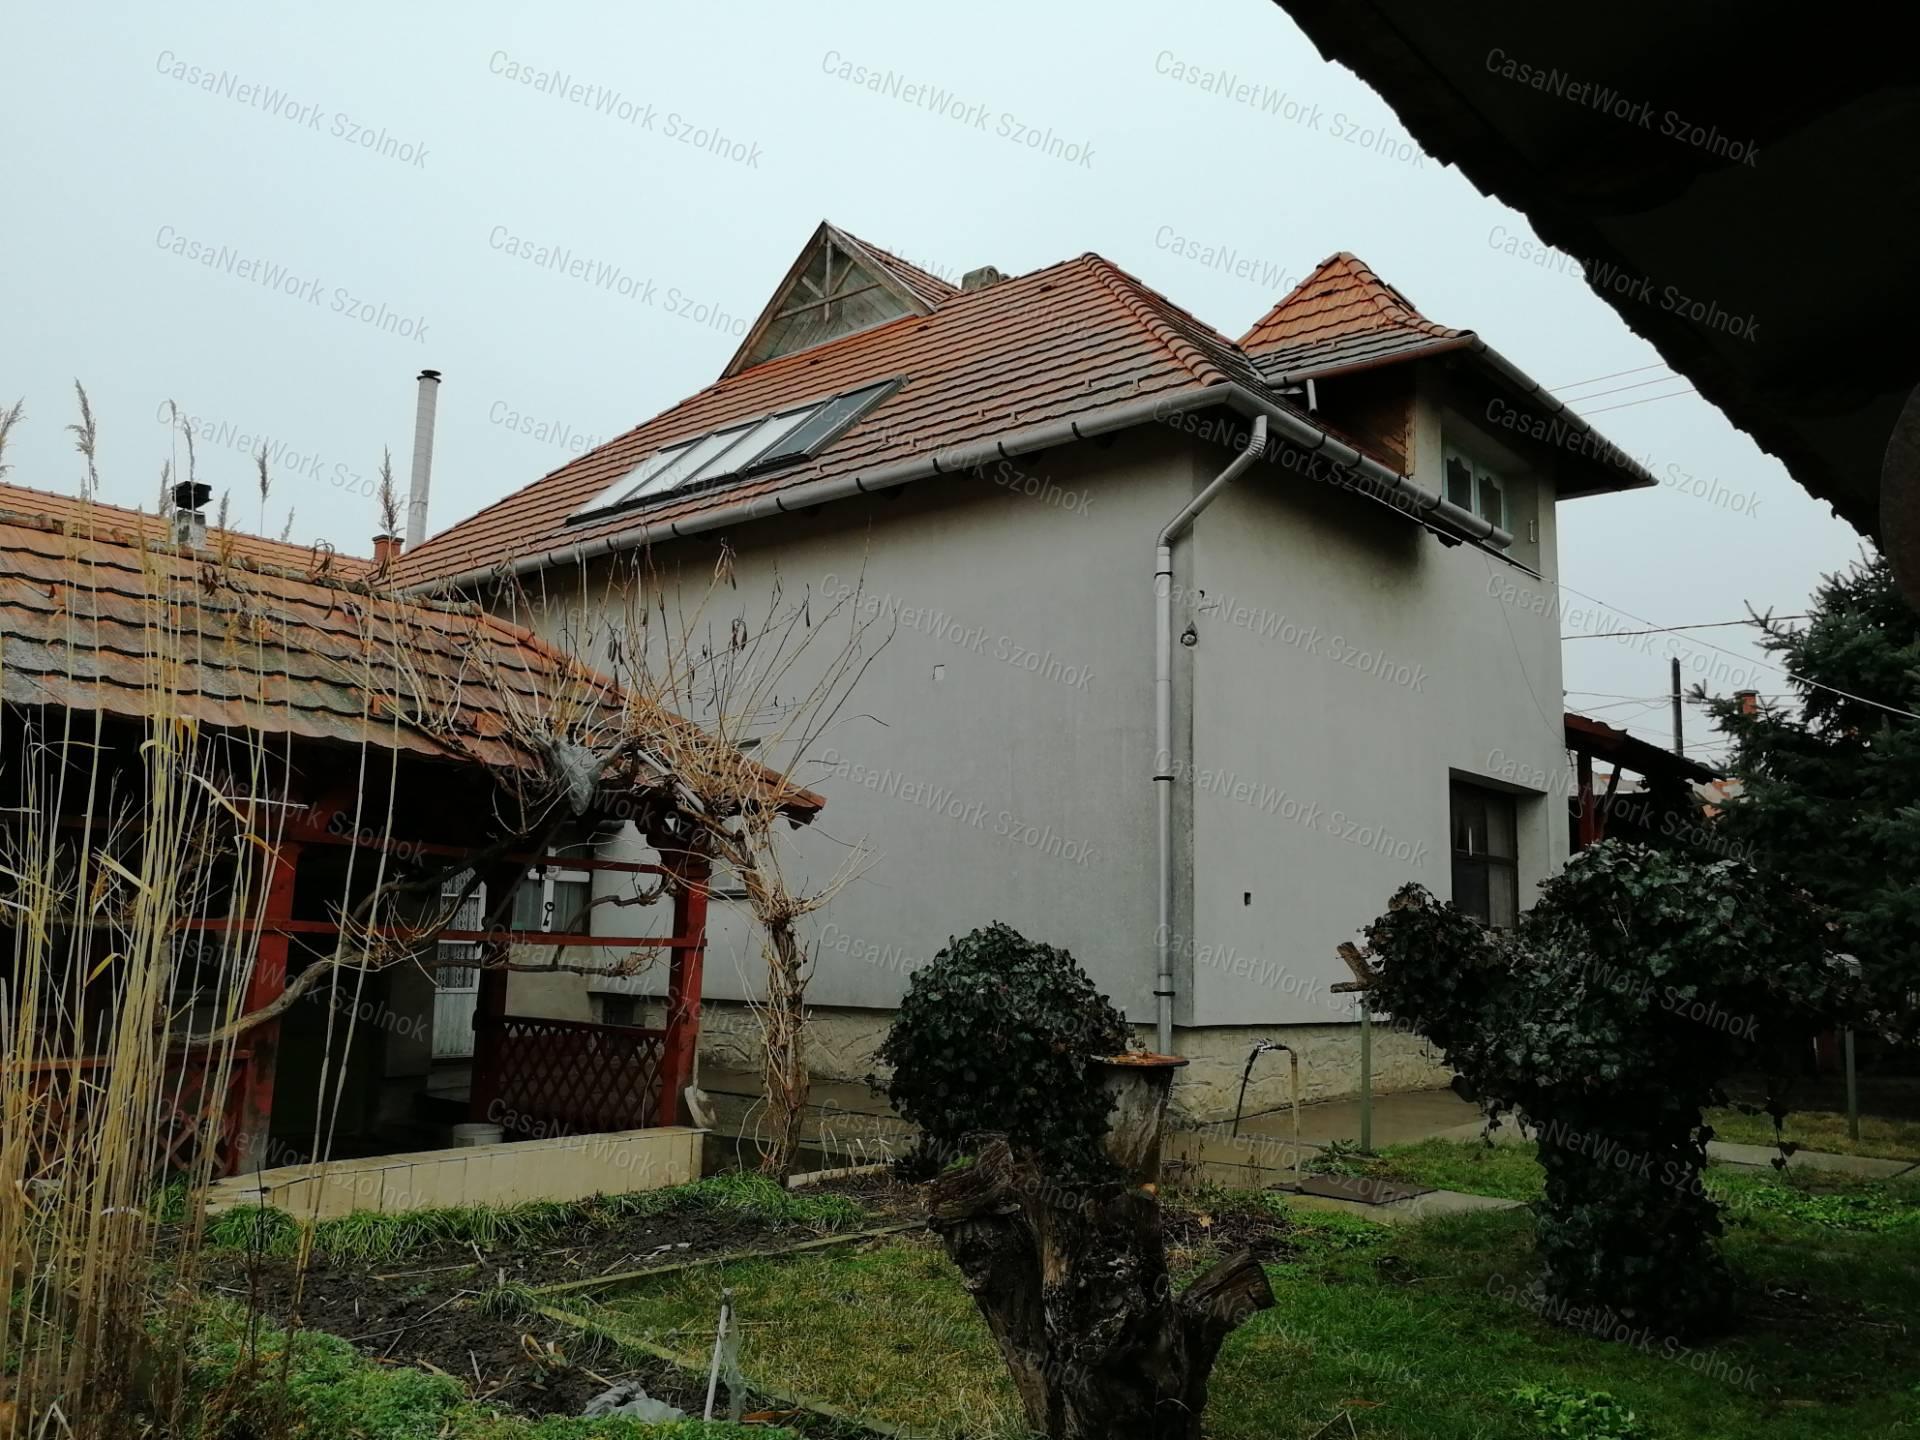 Eladó családi ház, Jász-Nagykun-Szolnok megye, Tiszaföldvár - sz.: 155802616 - CasaNetWork.hu